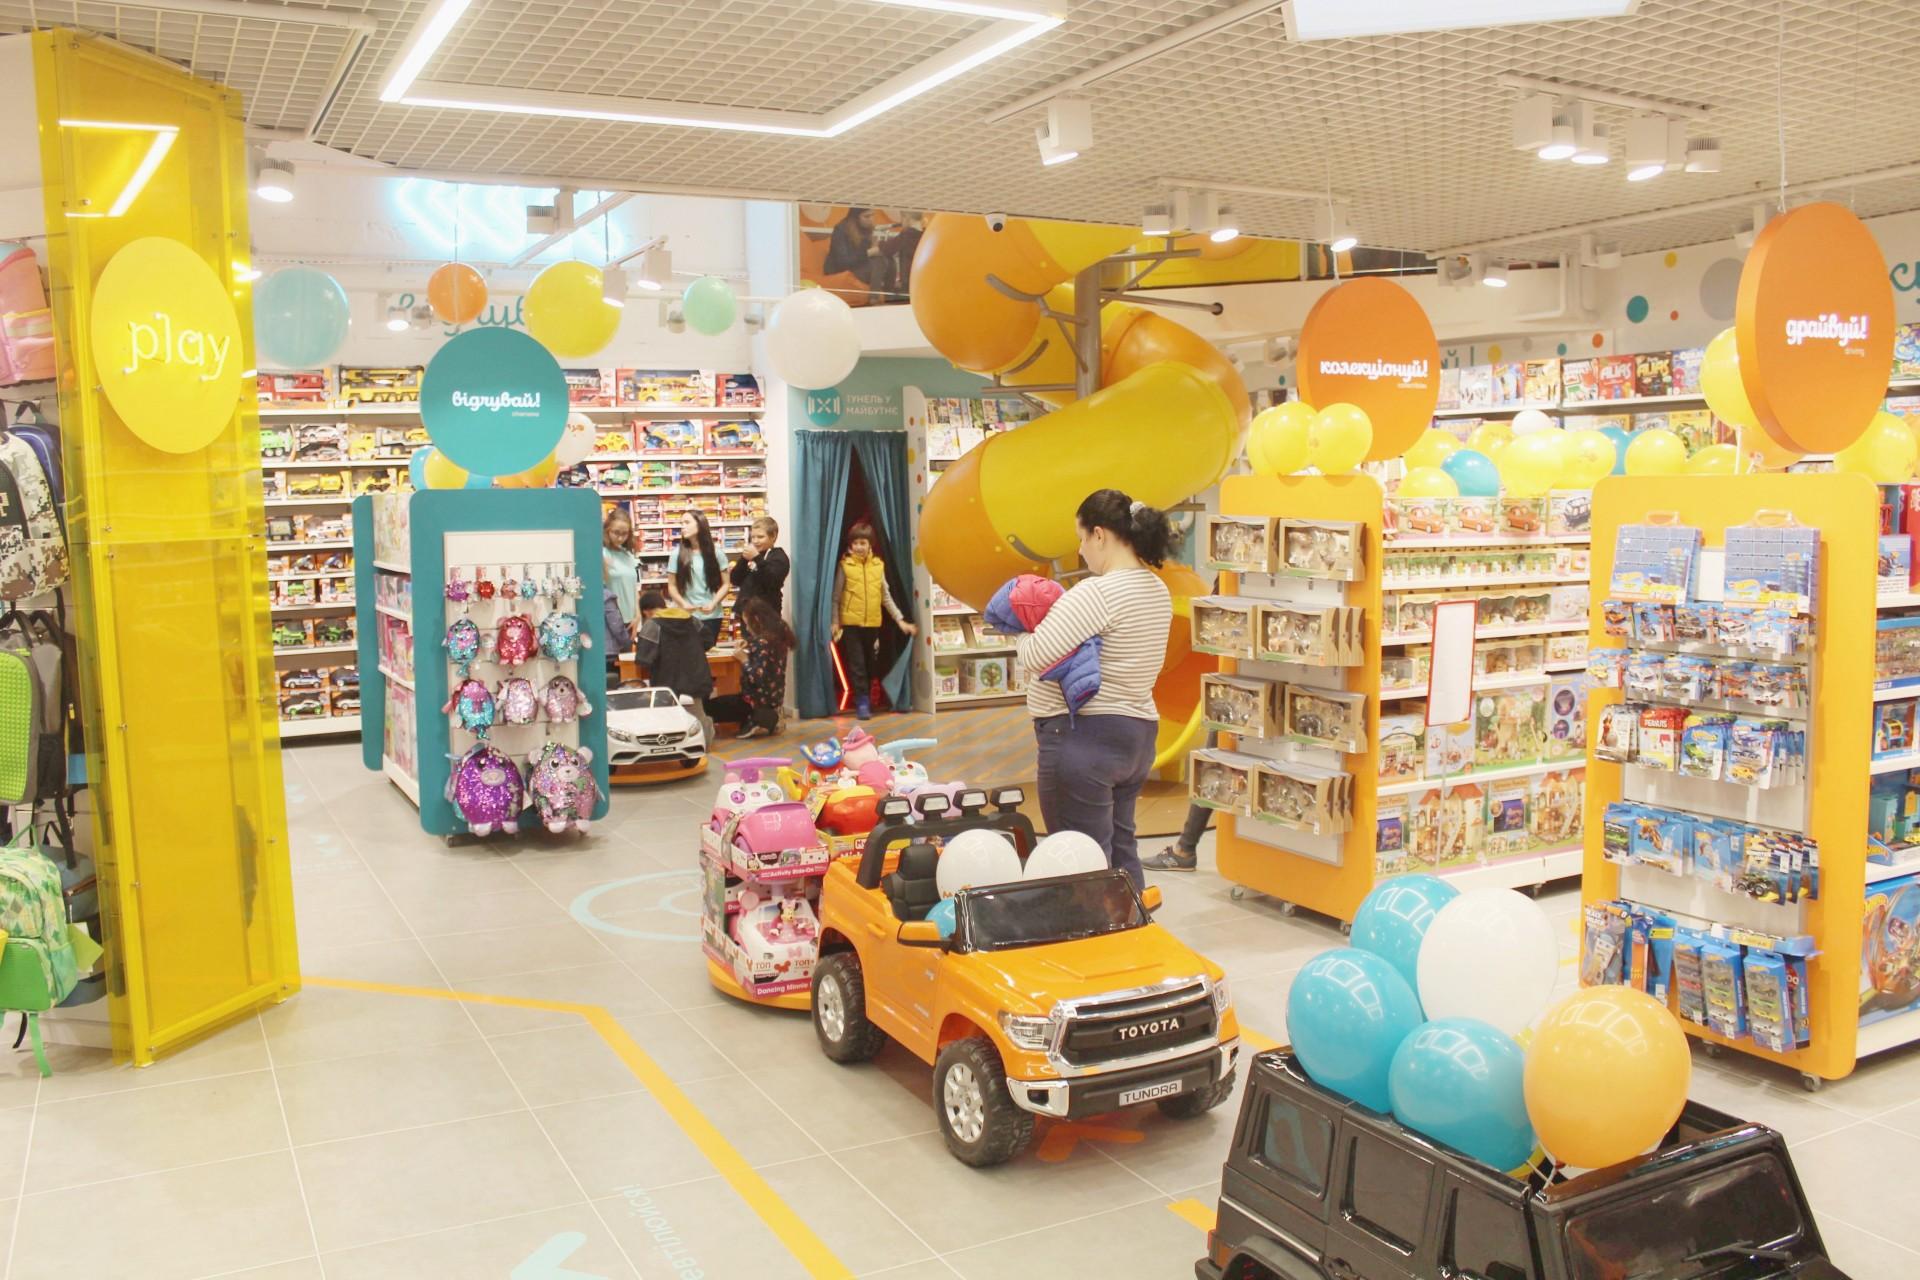 Пример мультиформатного торгового помещения: хаб «Лаборатория талантов» в MYplay, Днепр